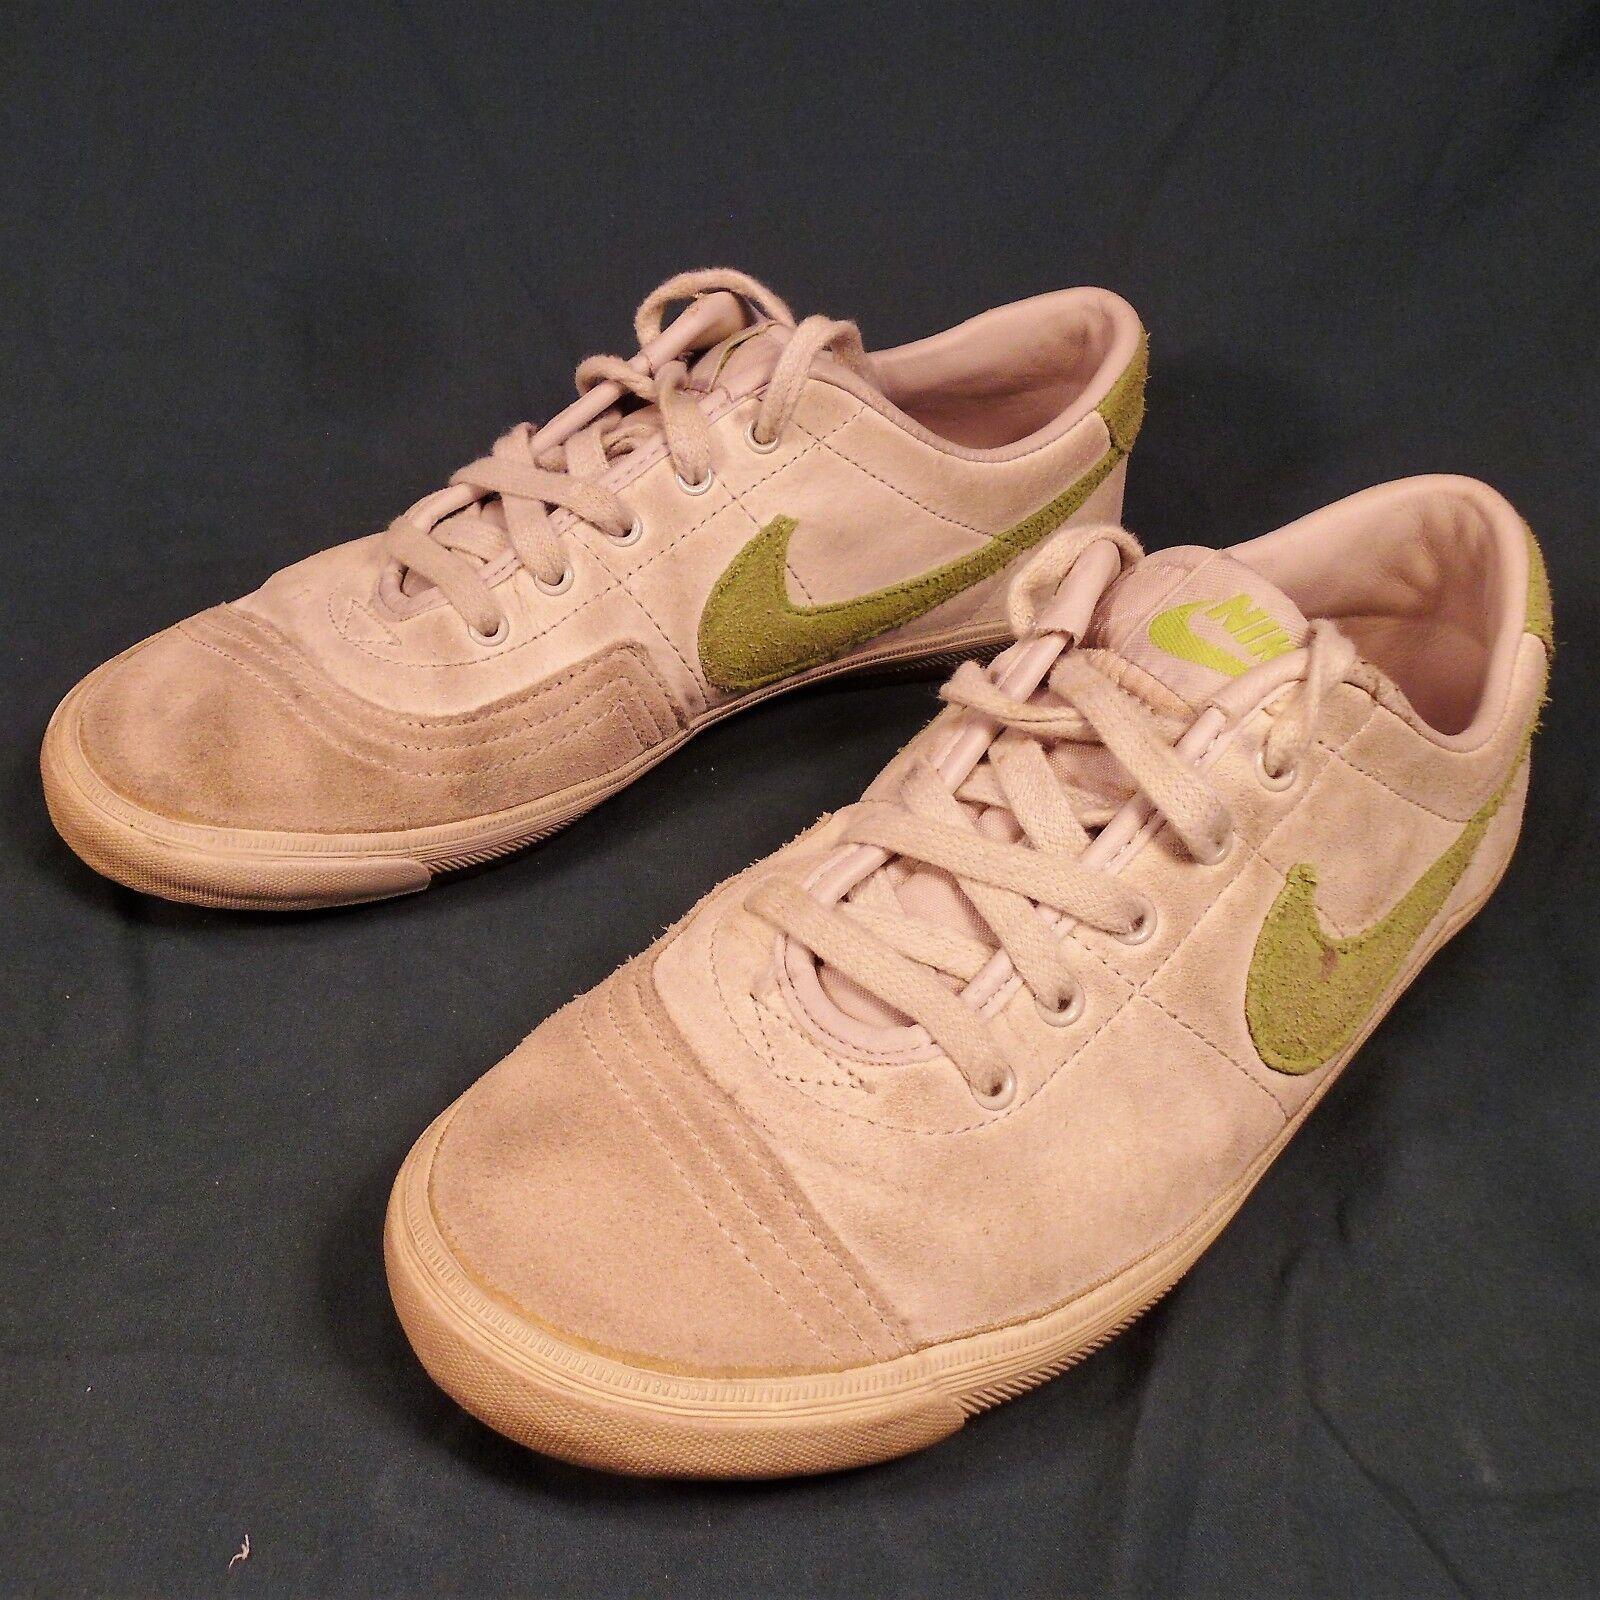 le scarpe scarpe scarpe nike come camminare bianco / verde 310267-031 7,5 occasionale | Online Shop  | Uomo/Donne Scarpa  90d630